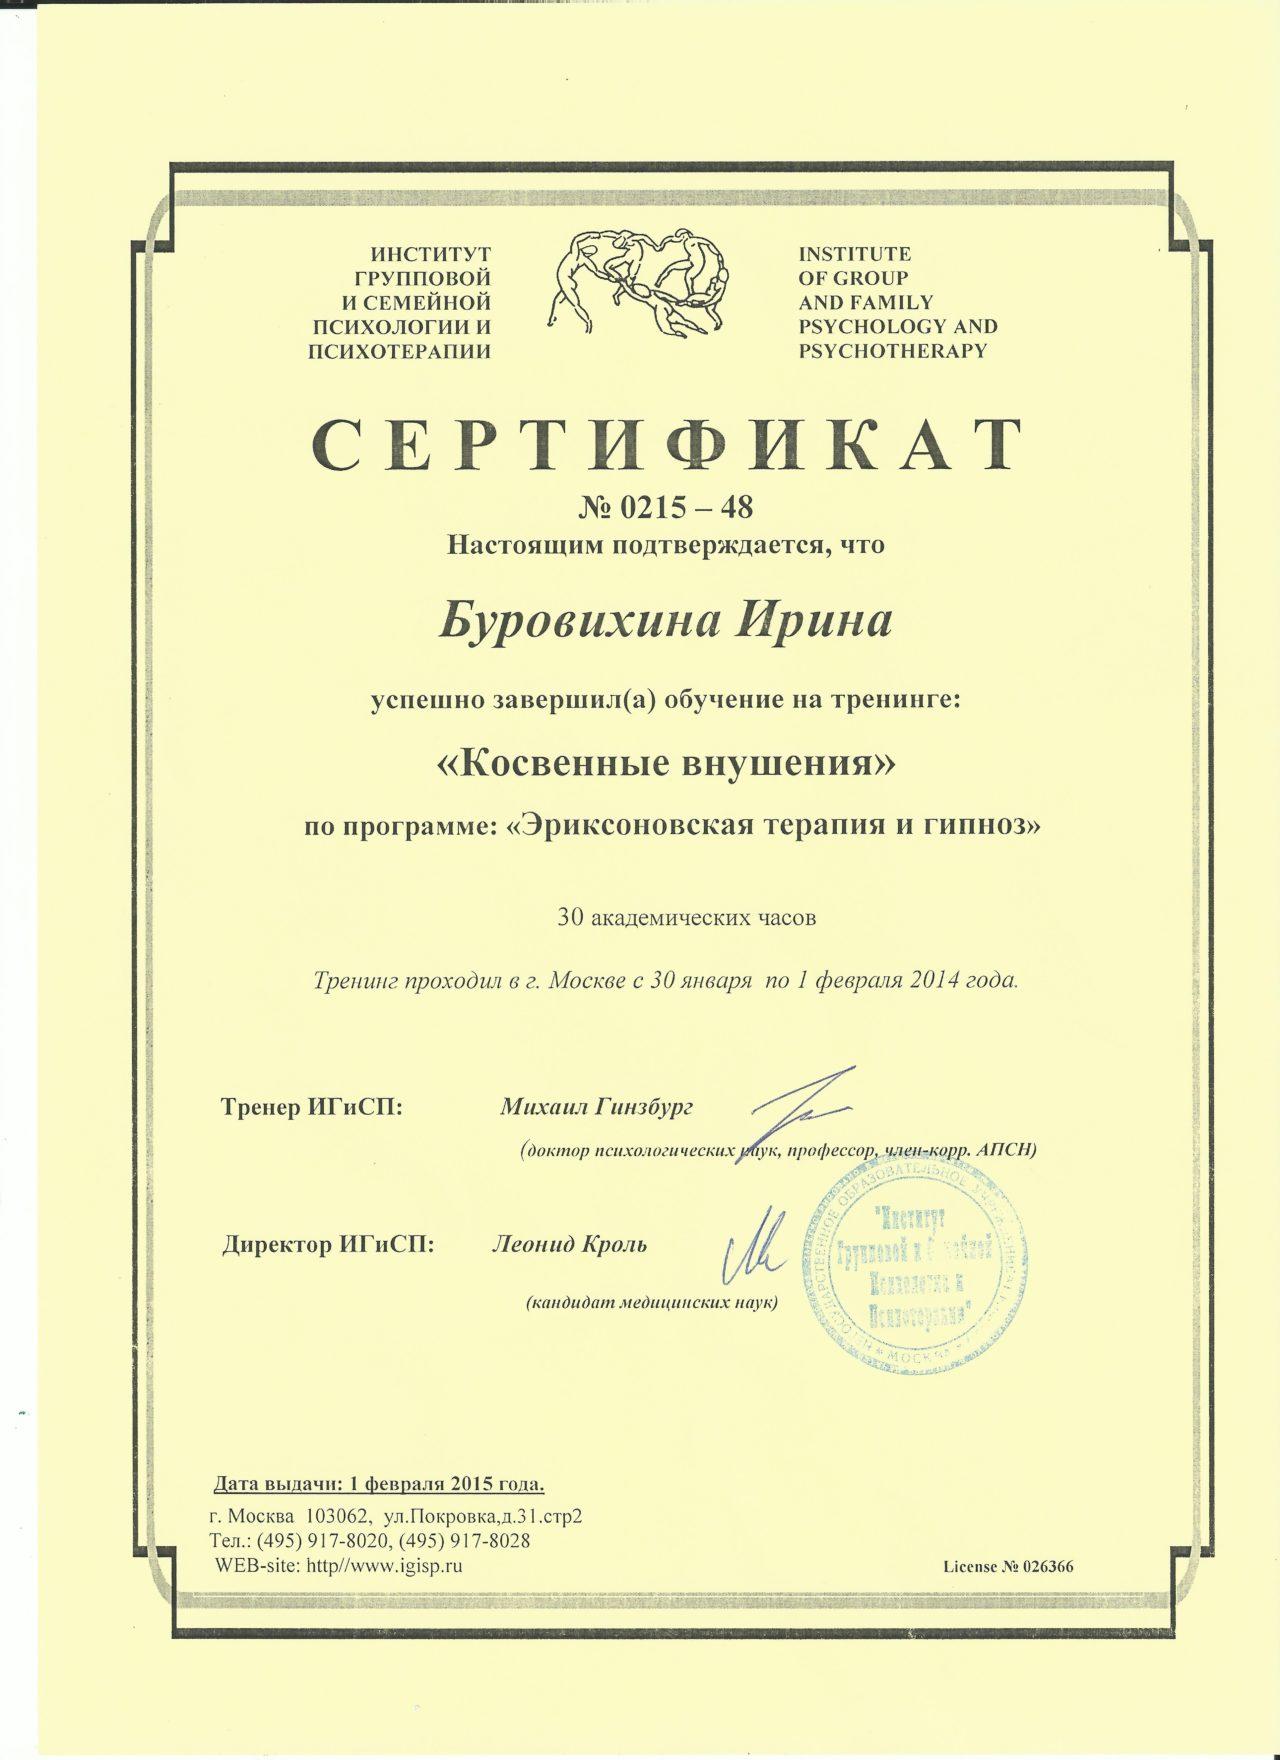 Буровихина Ирина сертификат косвенные внушения